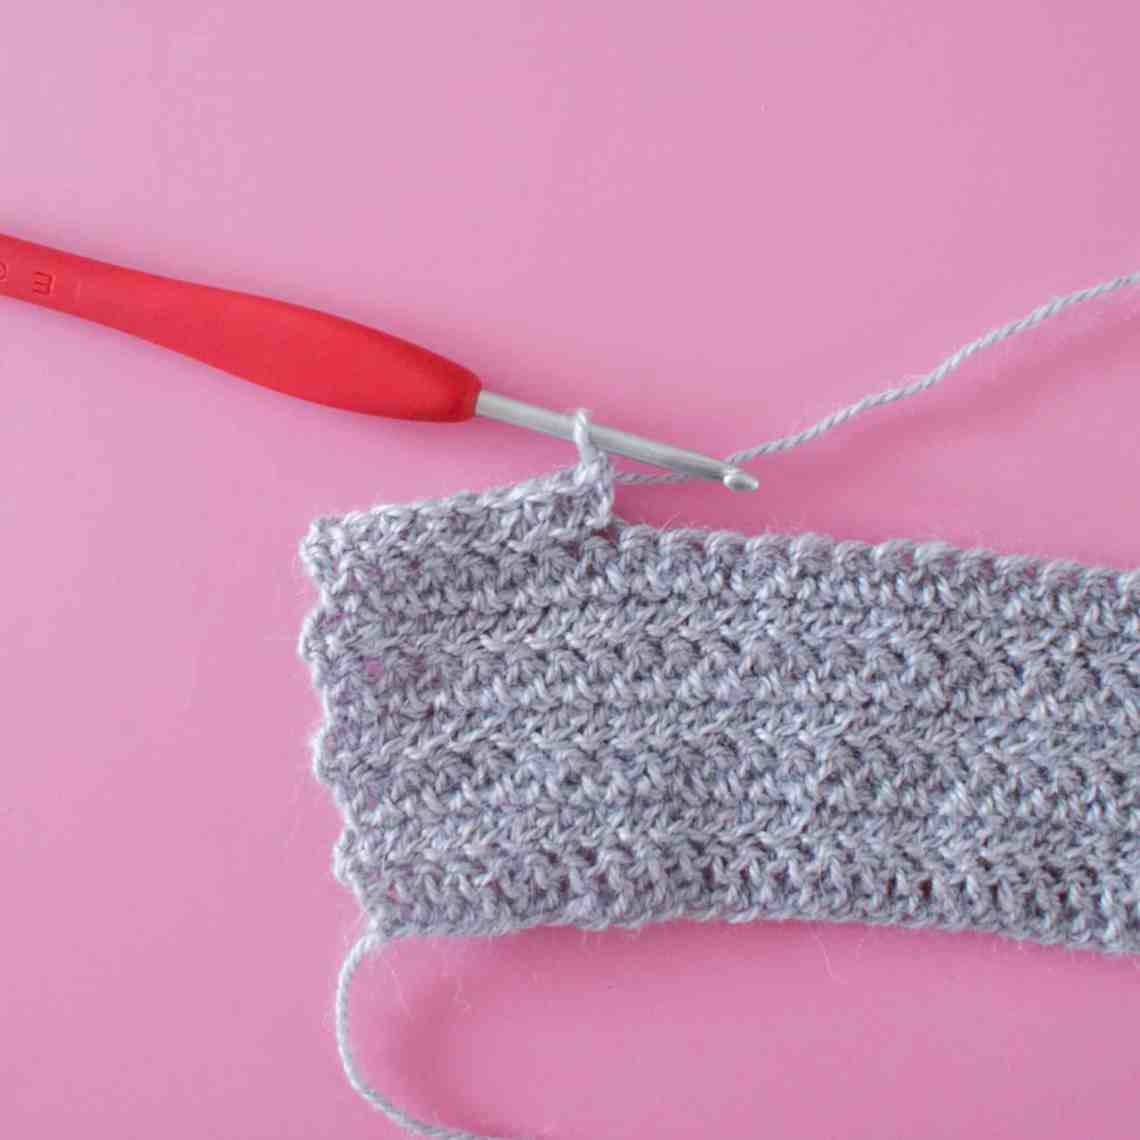 Herringbone Crochet Stitch Tutorial in Grey Alpaca Silk Yarn on a Pink Background